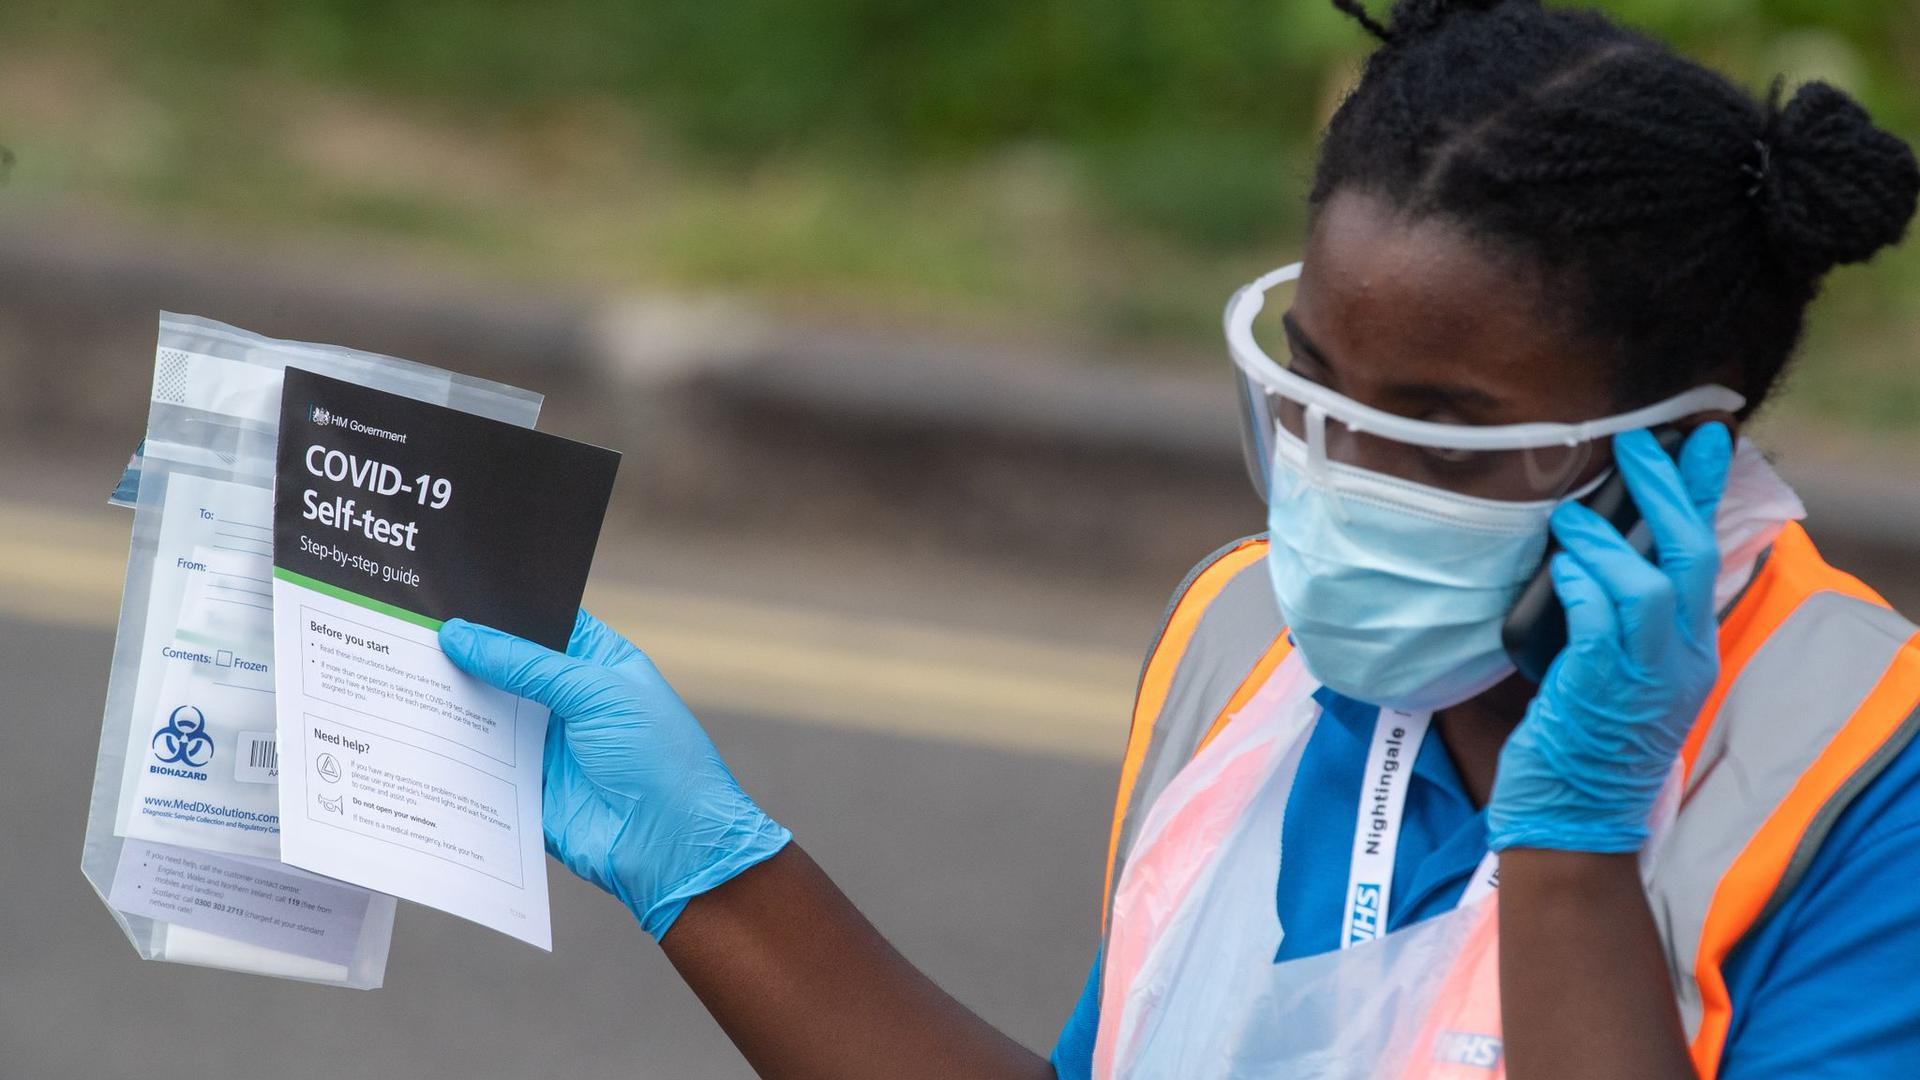 Eine medizinische Mitarbeiterin verteilt Selbsttest-Kits in einem Corona-Testzentrum im Londoner Stadtbezirk Southwark.